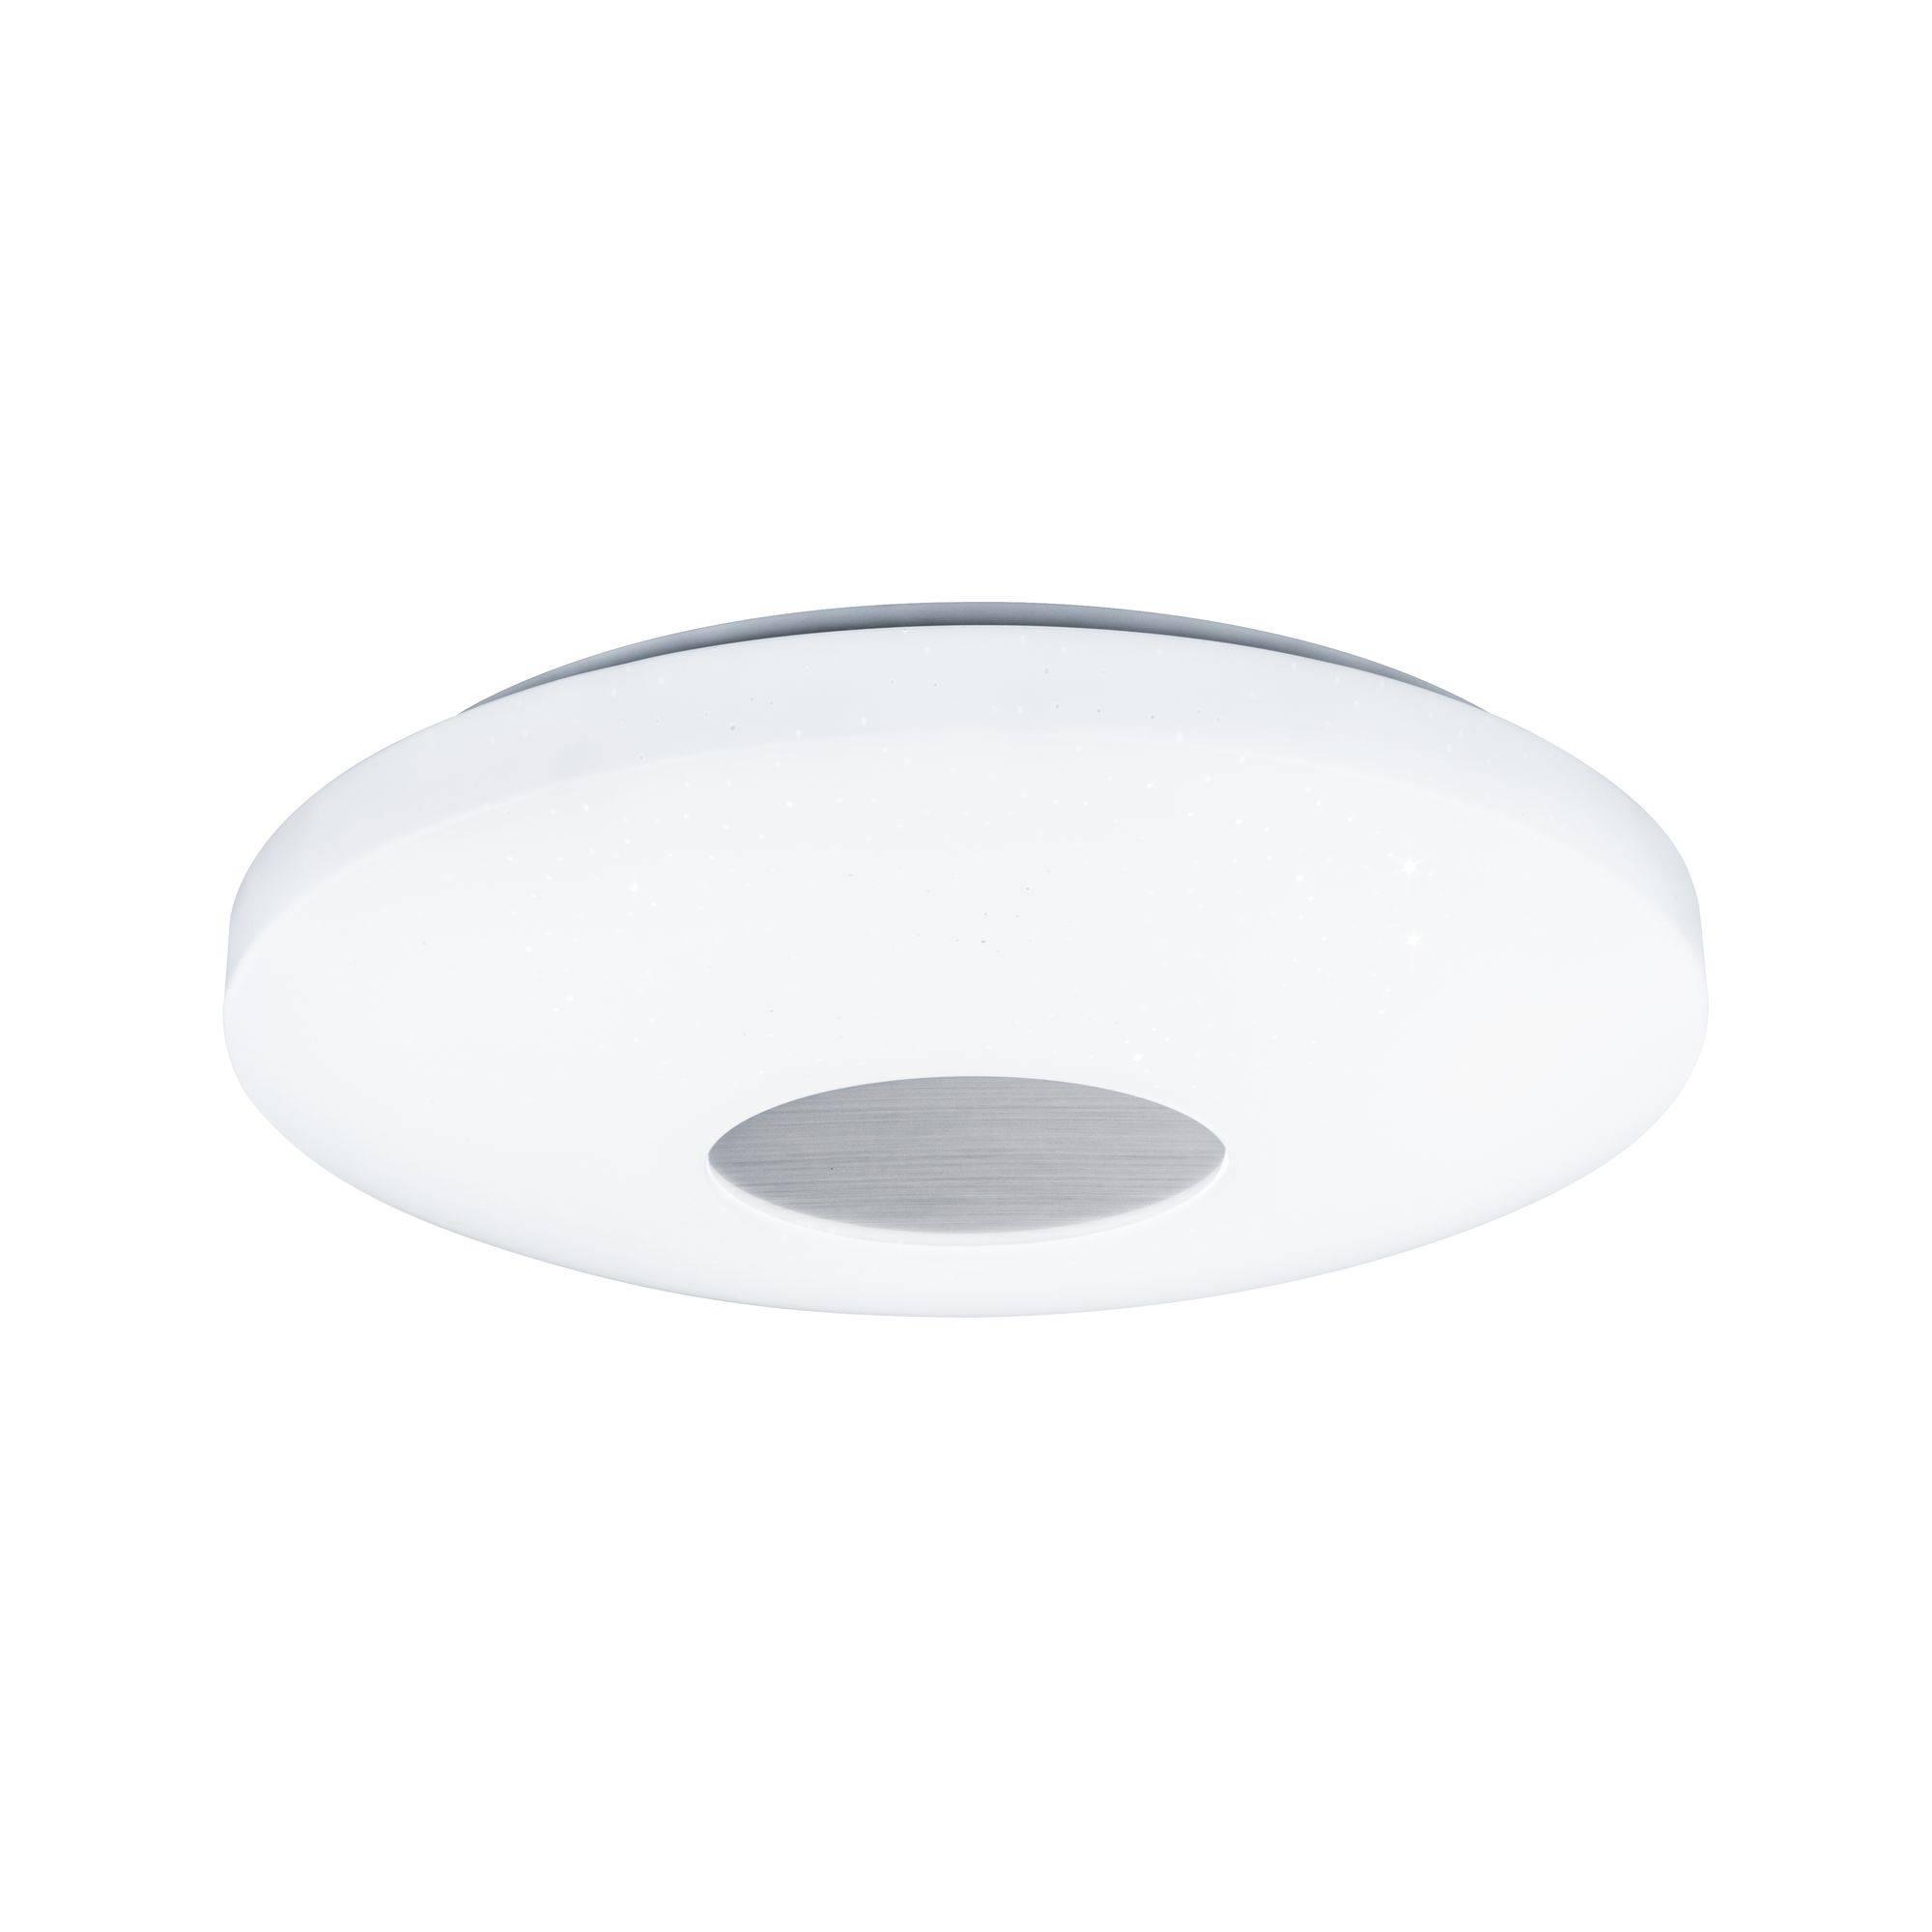 Paulmann Costella 70901 LED Deckenleuchte Weiß 16 W Leuchtfarbe einstellbar, Mit Sterneneffekt